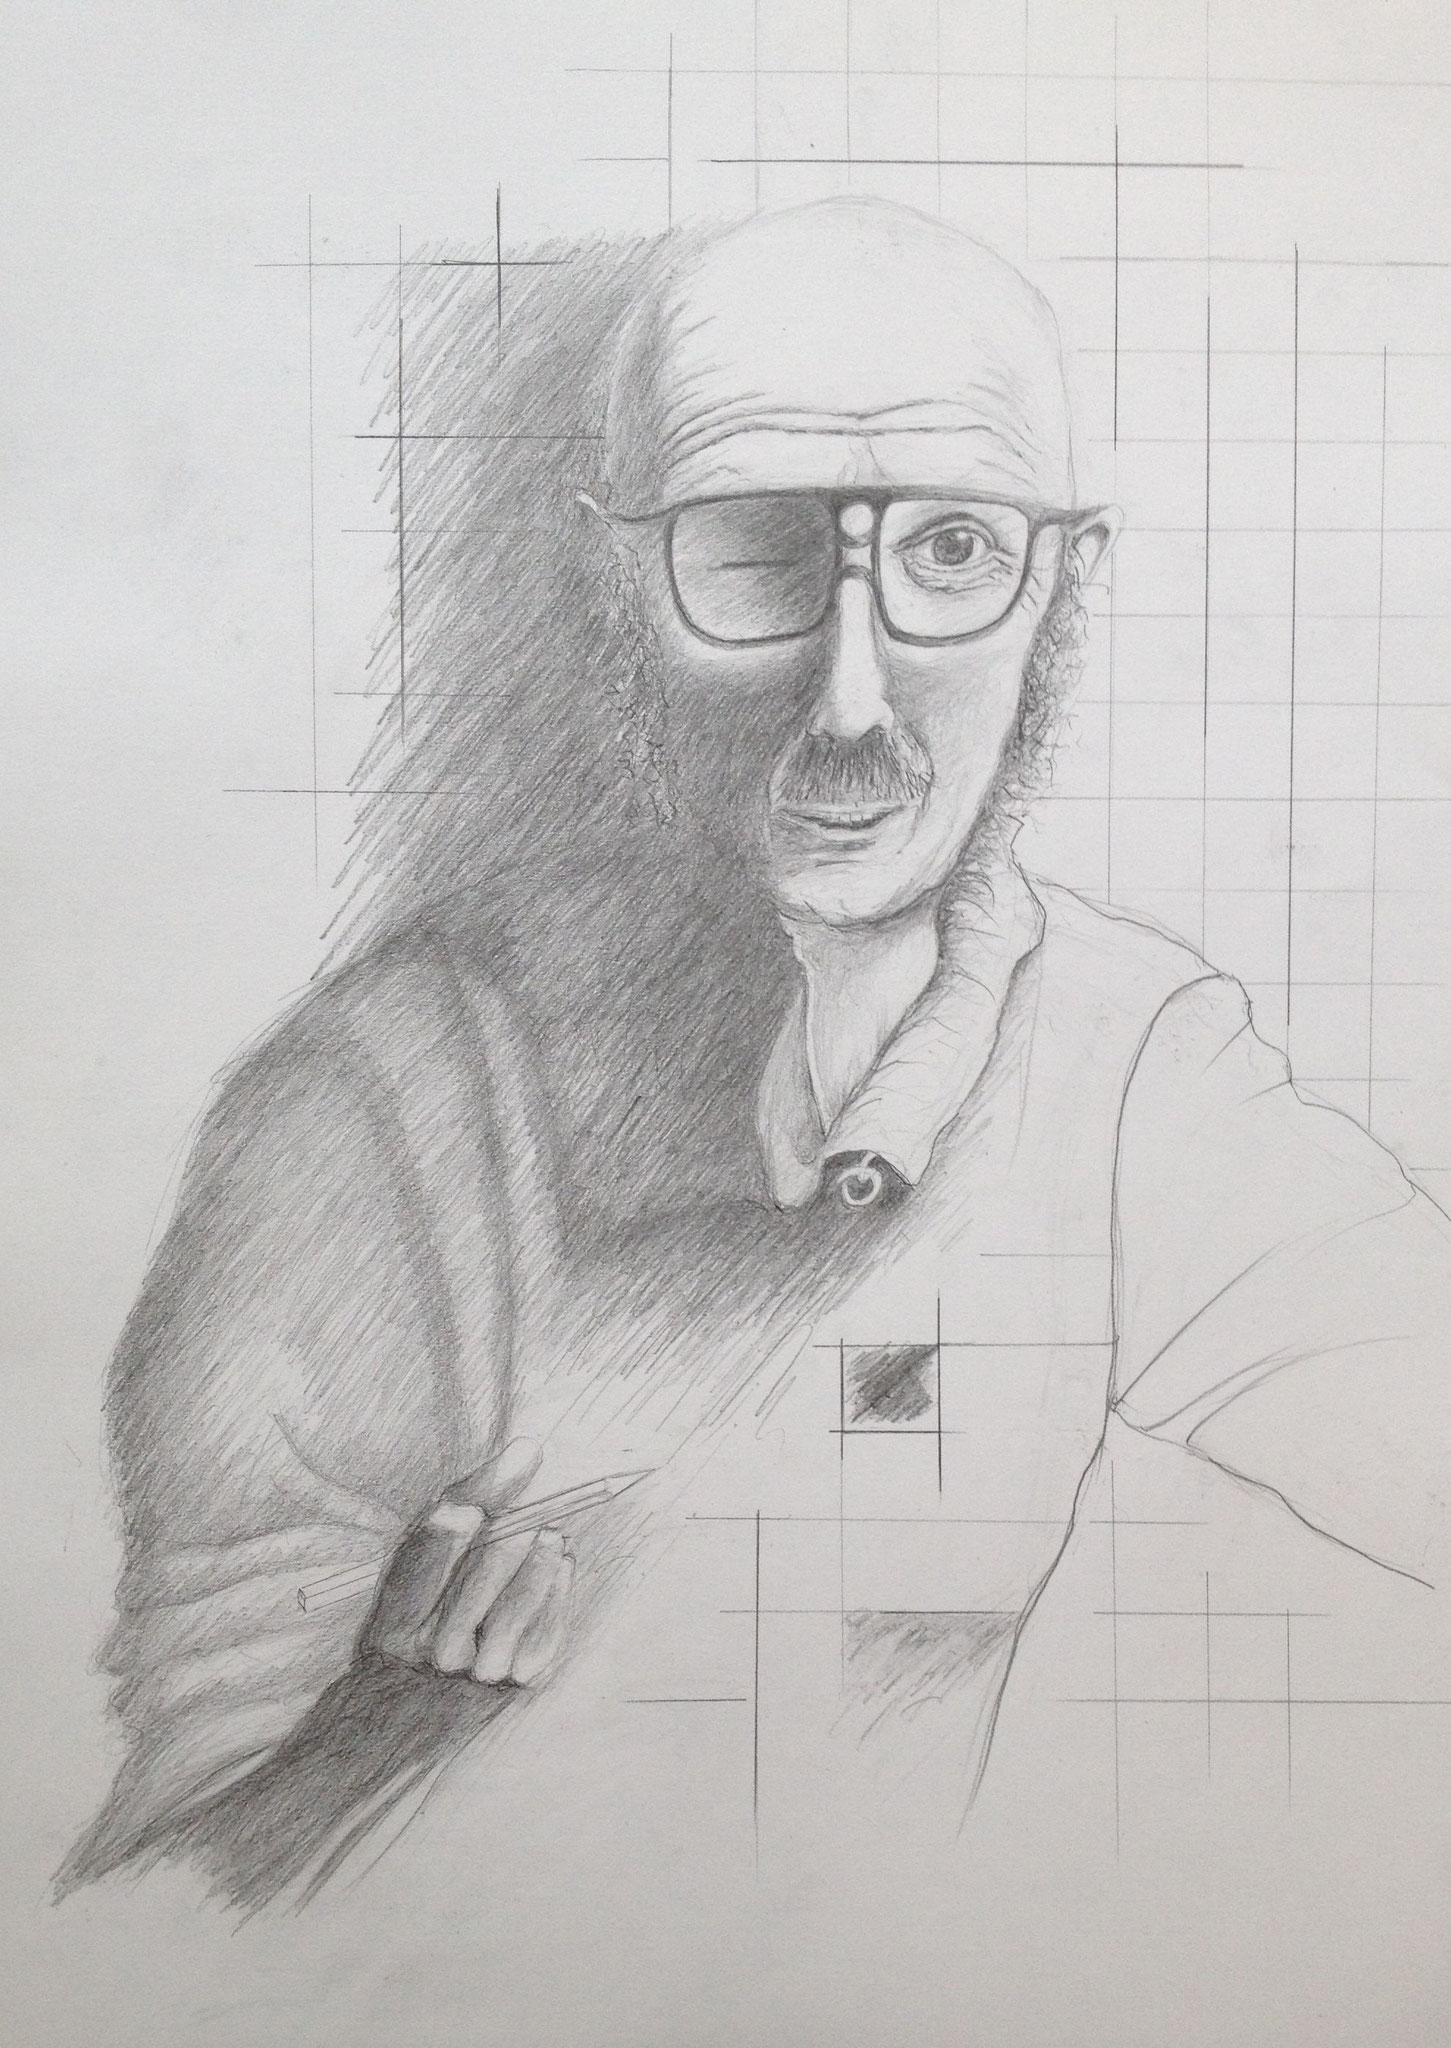 Der Zeichner Lude Döring, 2019, Zeichnung, 70 x 50 cm (#997)